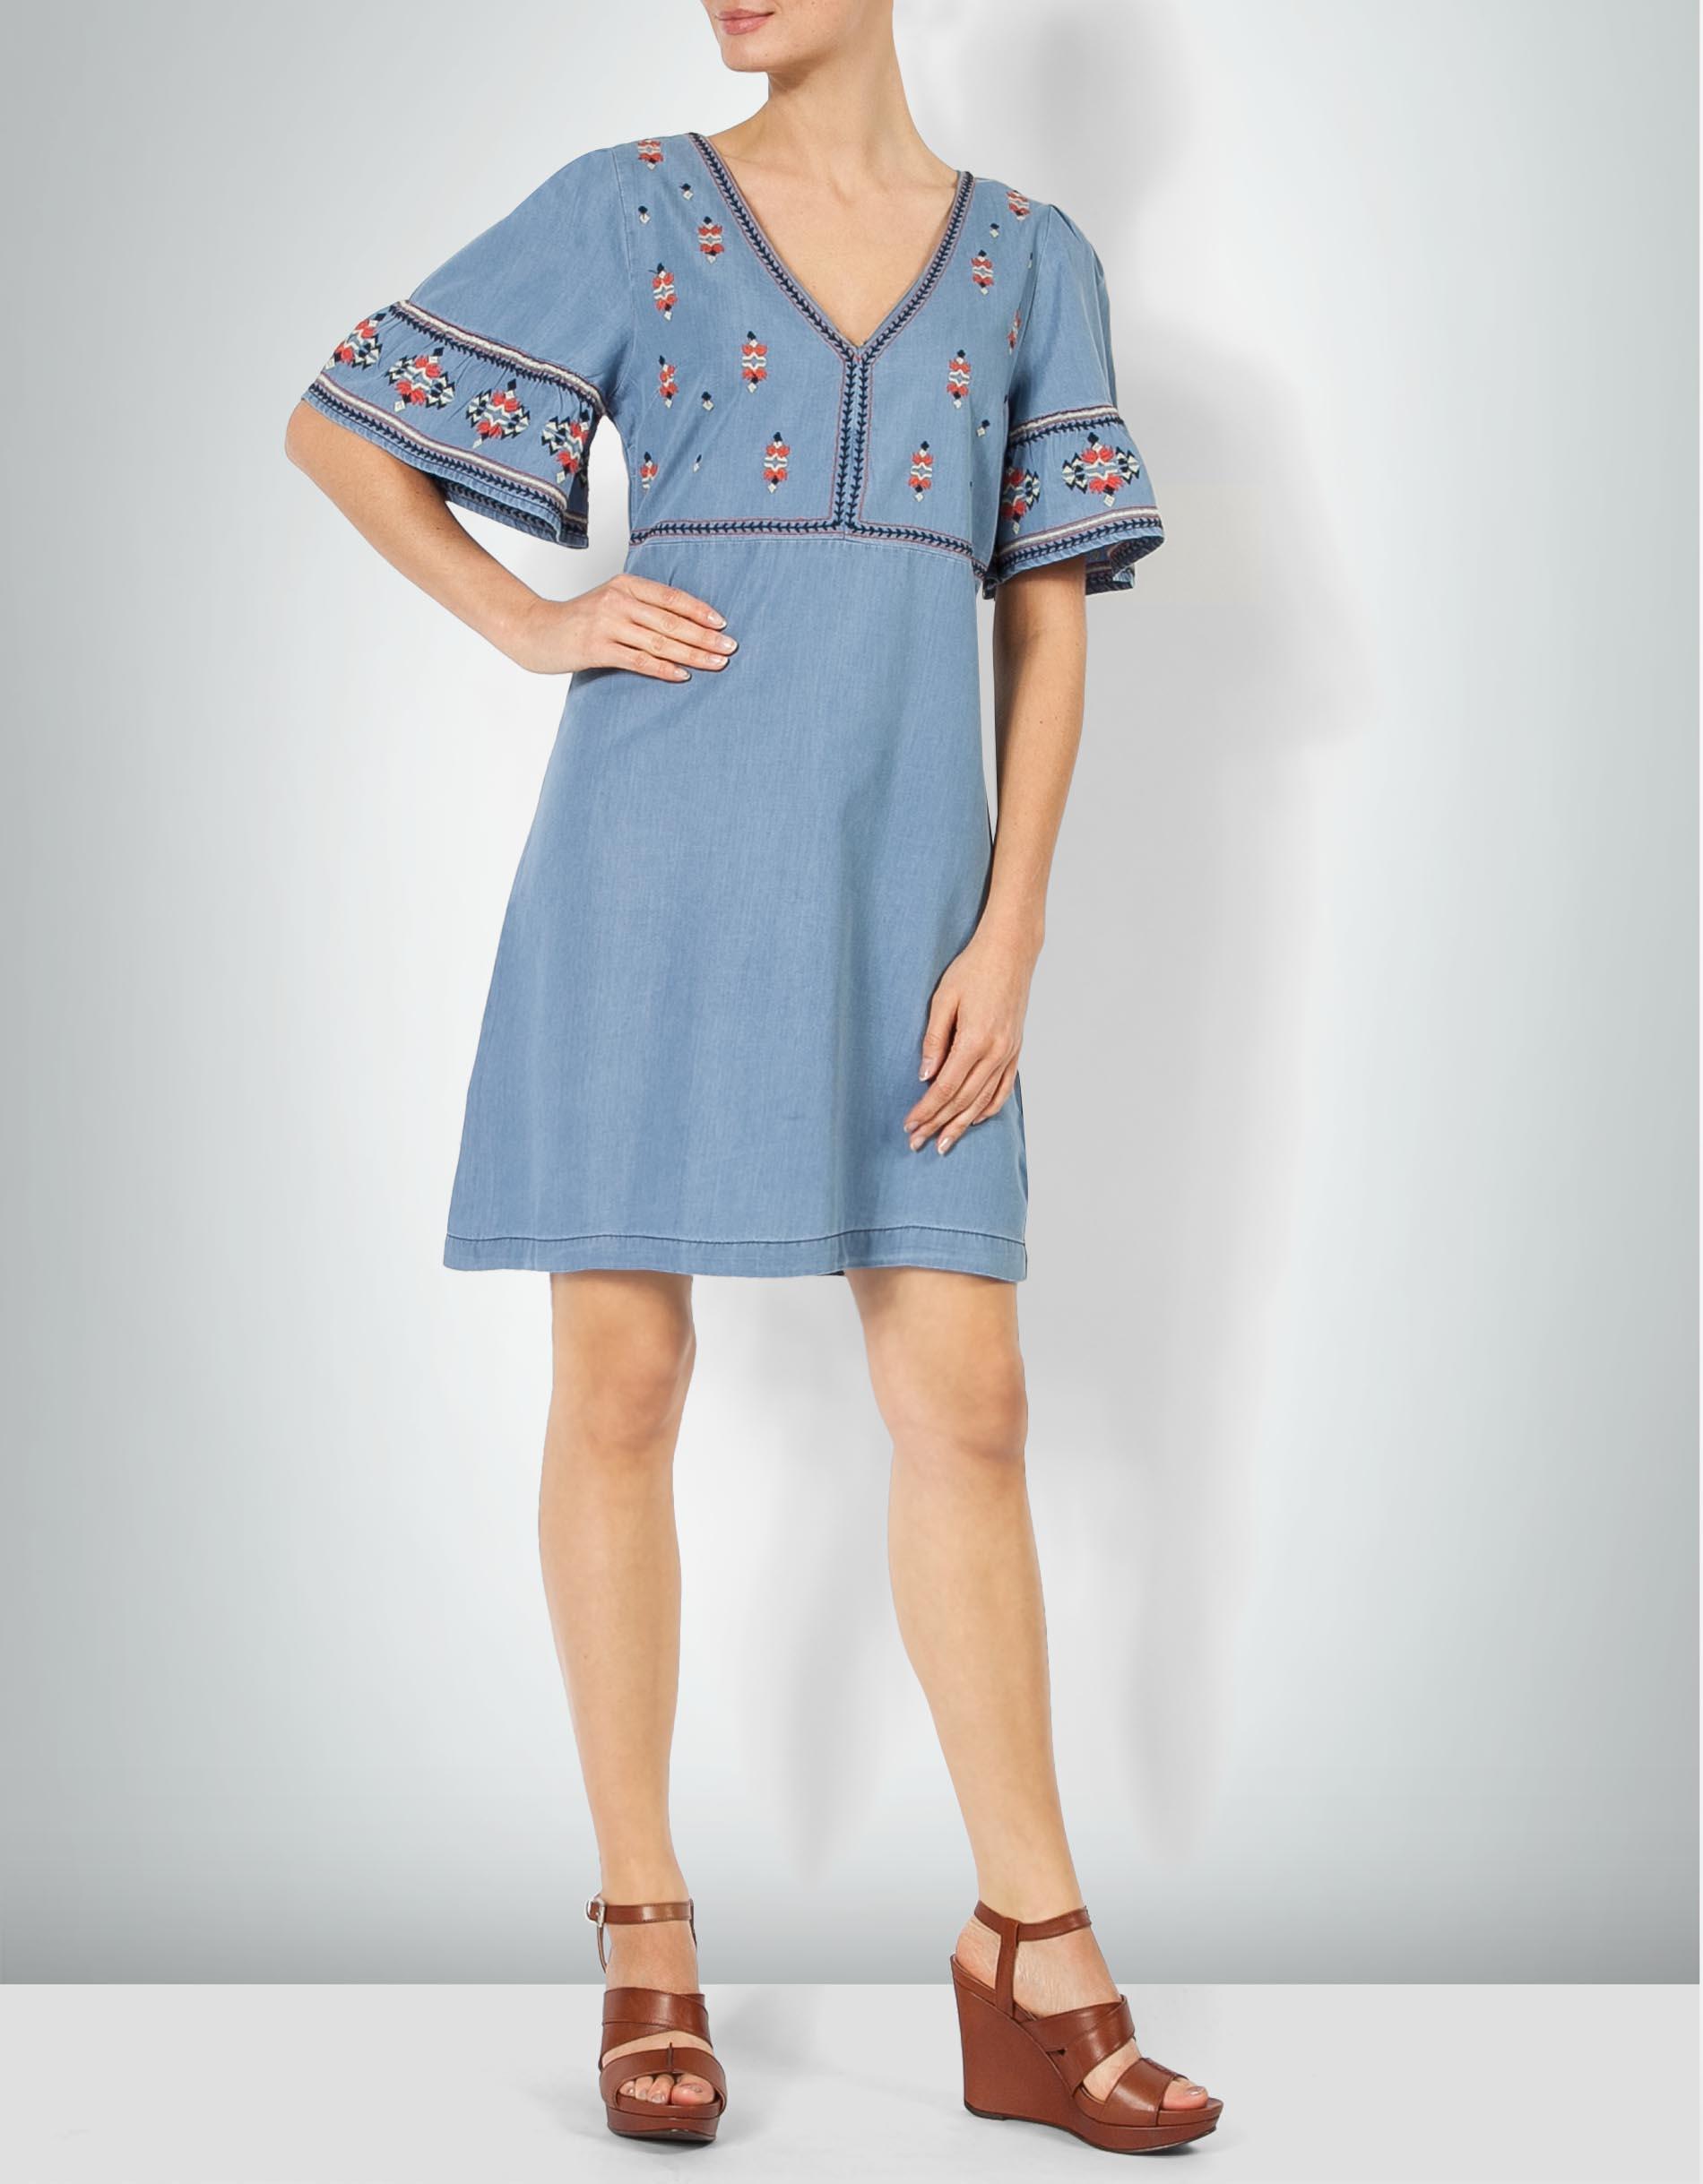 f80aa0fe121 Pepe Jeans Damen Kleid Ursula im Ethno-Look empfohlen von Deinen Schwestern